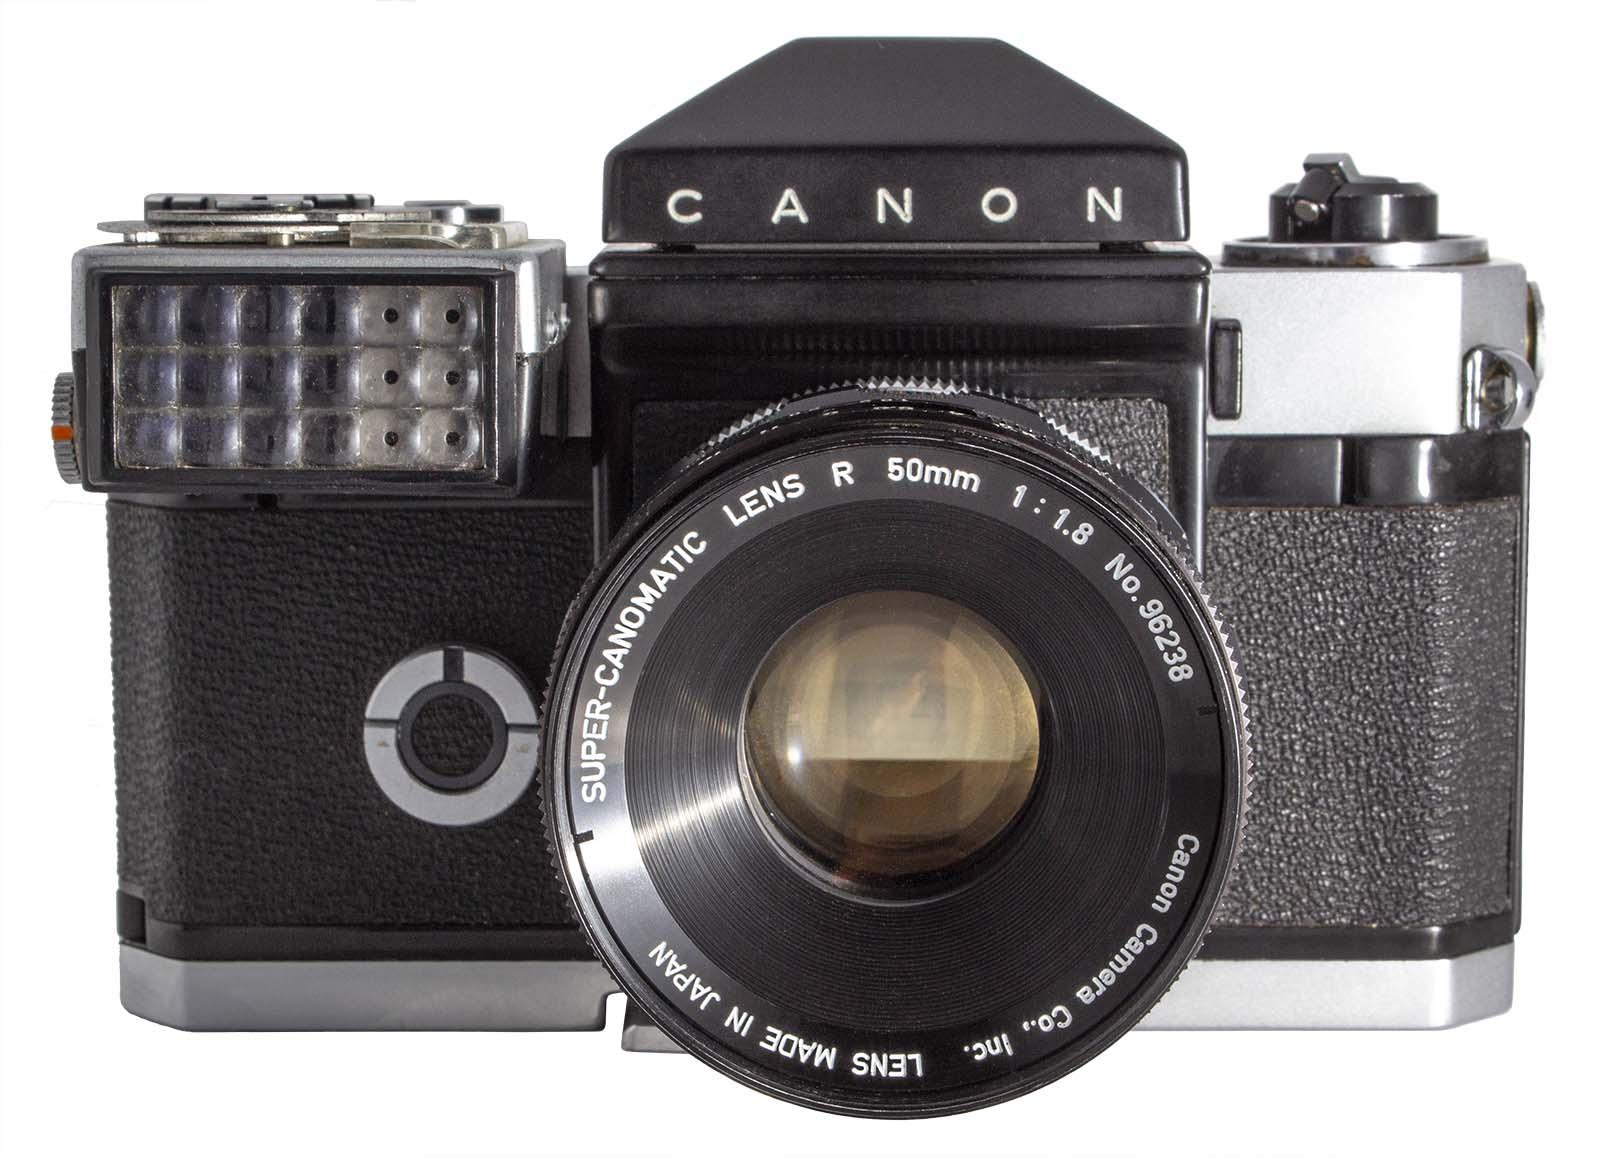 Canon Canonflex